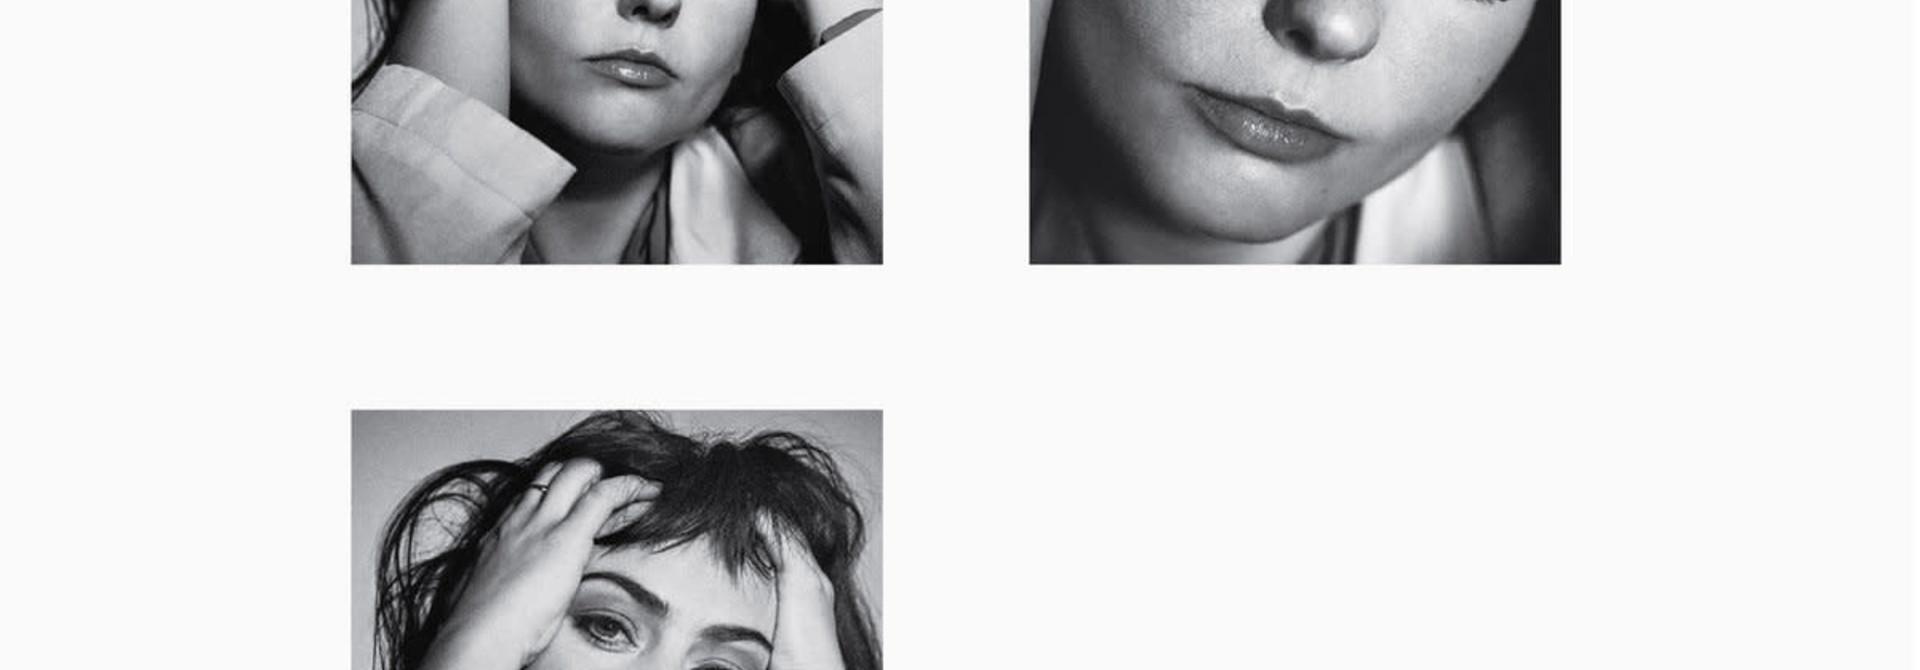 Angel Olsen • Whole New Mess (Édition couleur limitée)